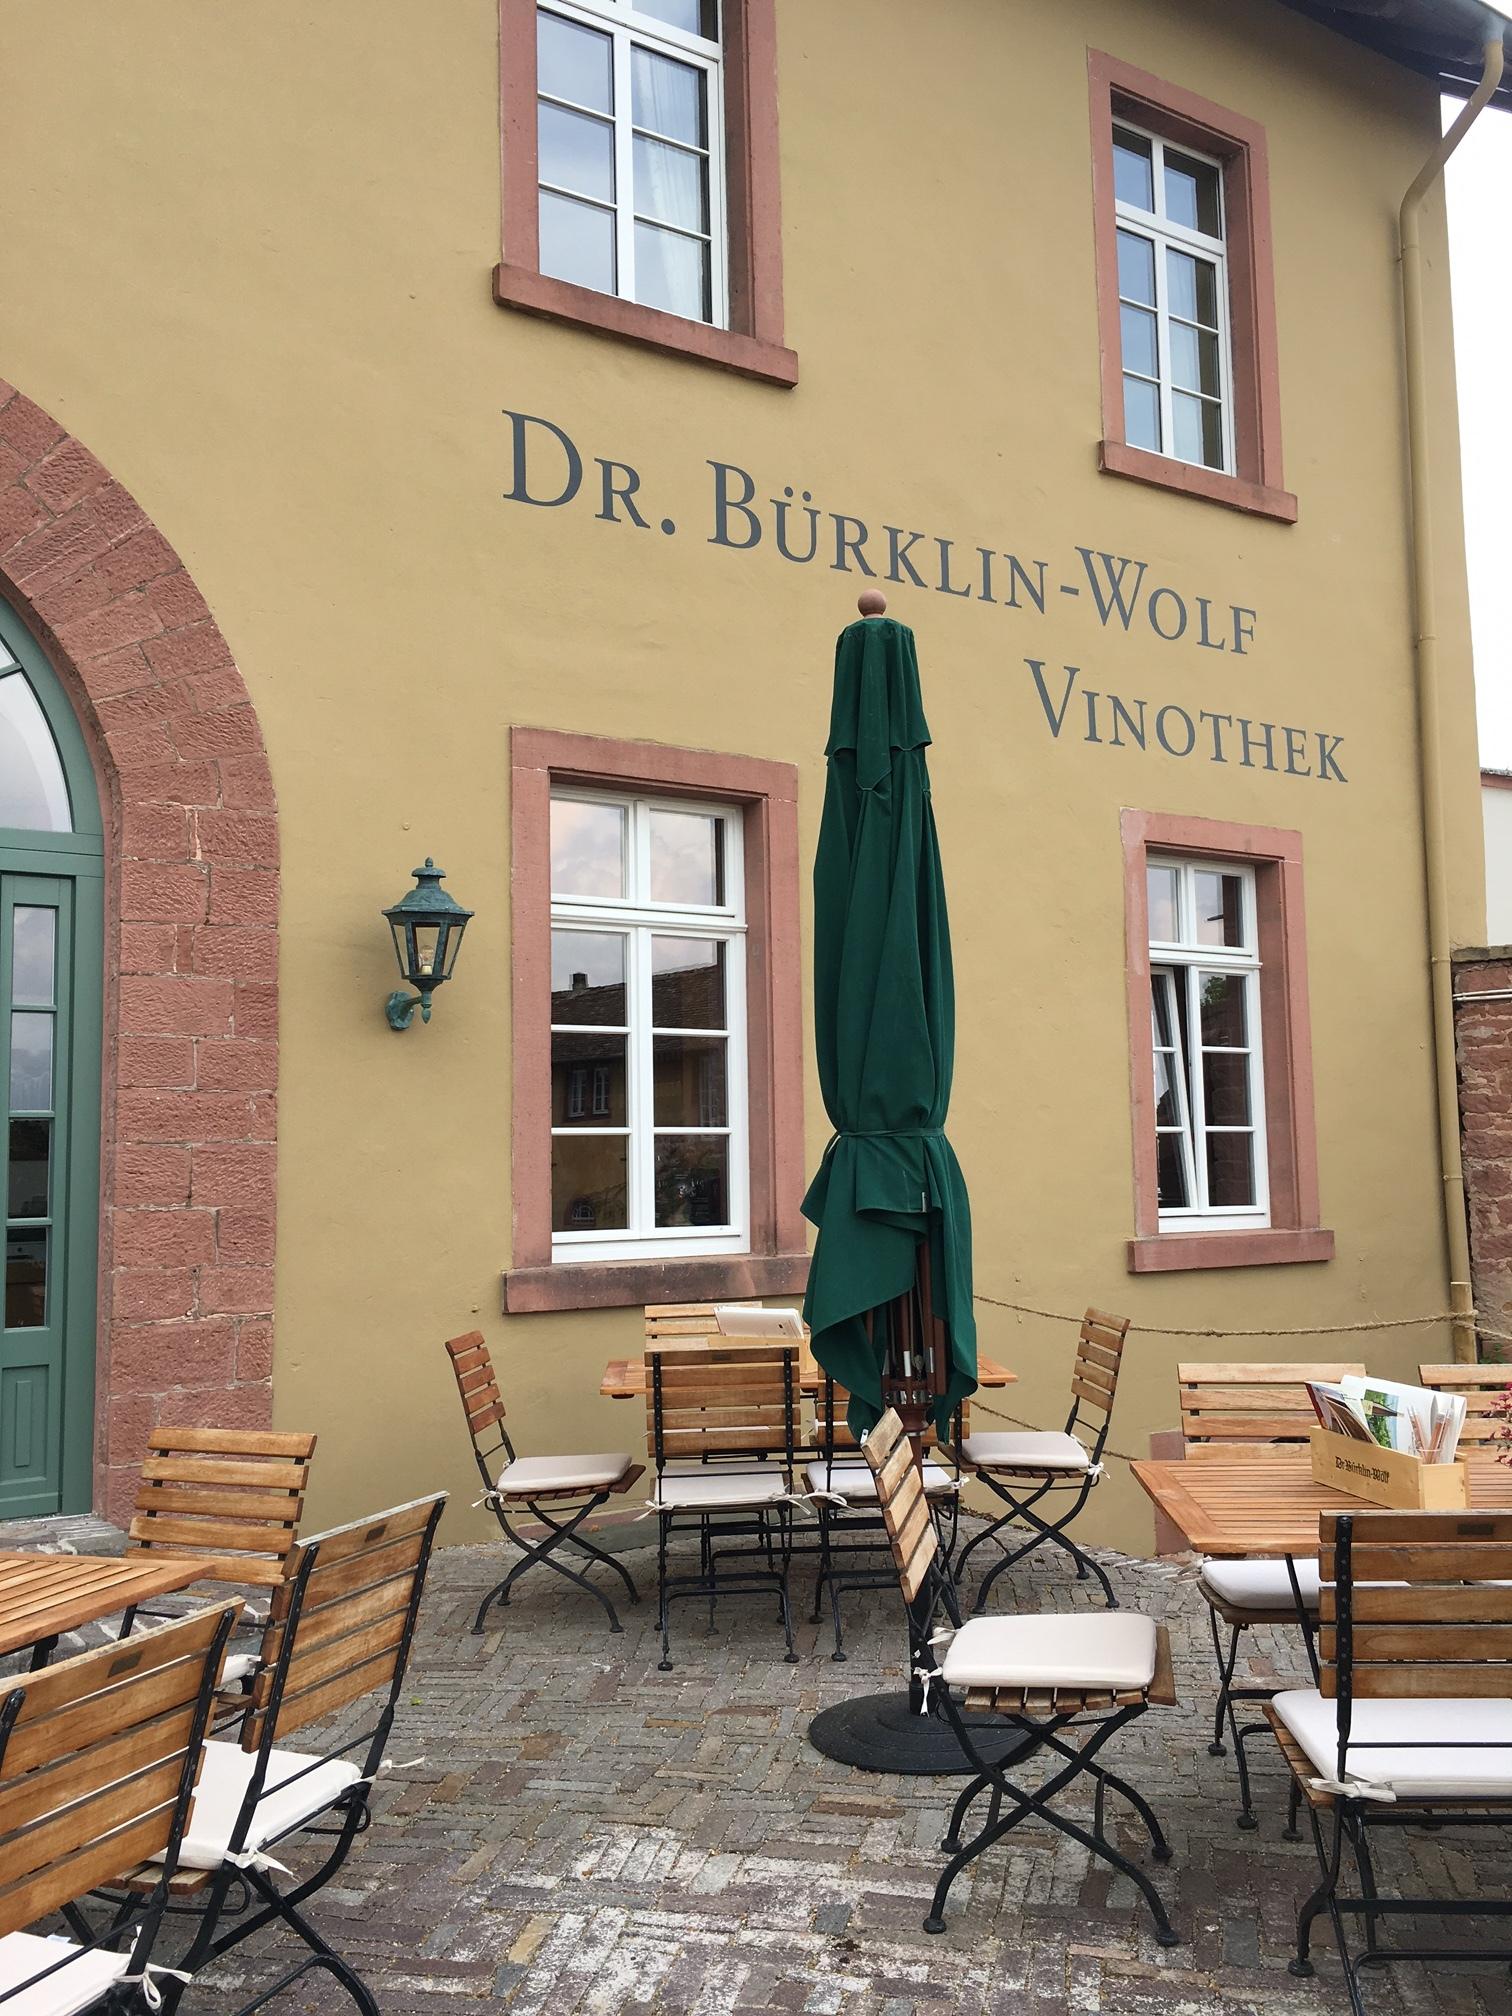 Burklin wolf_2.JPG